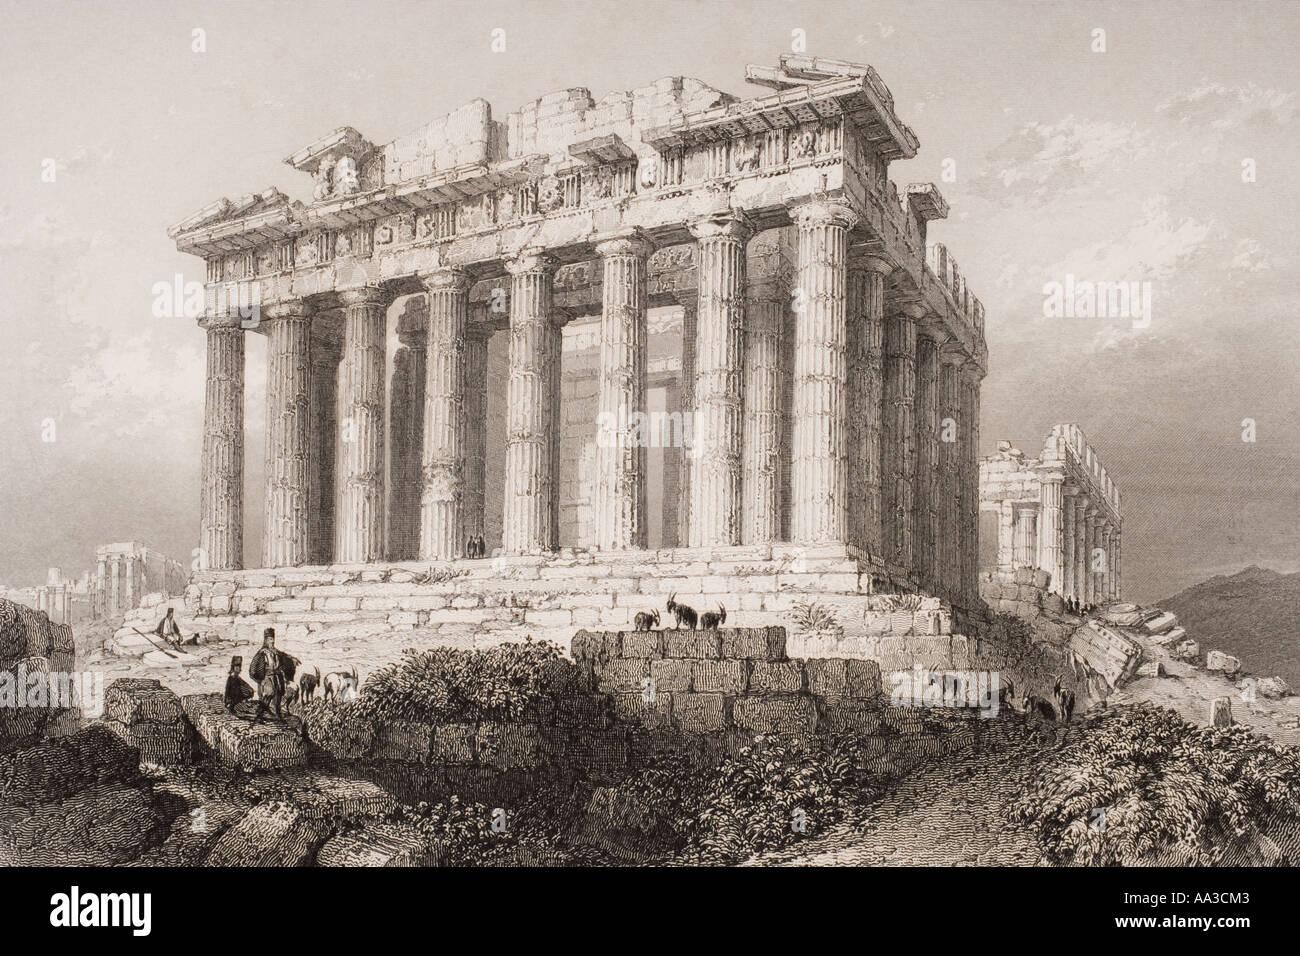 Il Partenone di Atene, Grecia nel XIX secolo. Immagini Stock